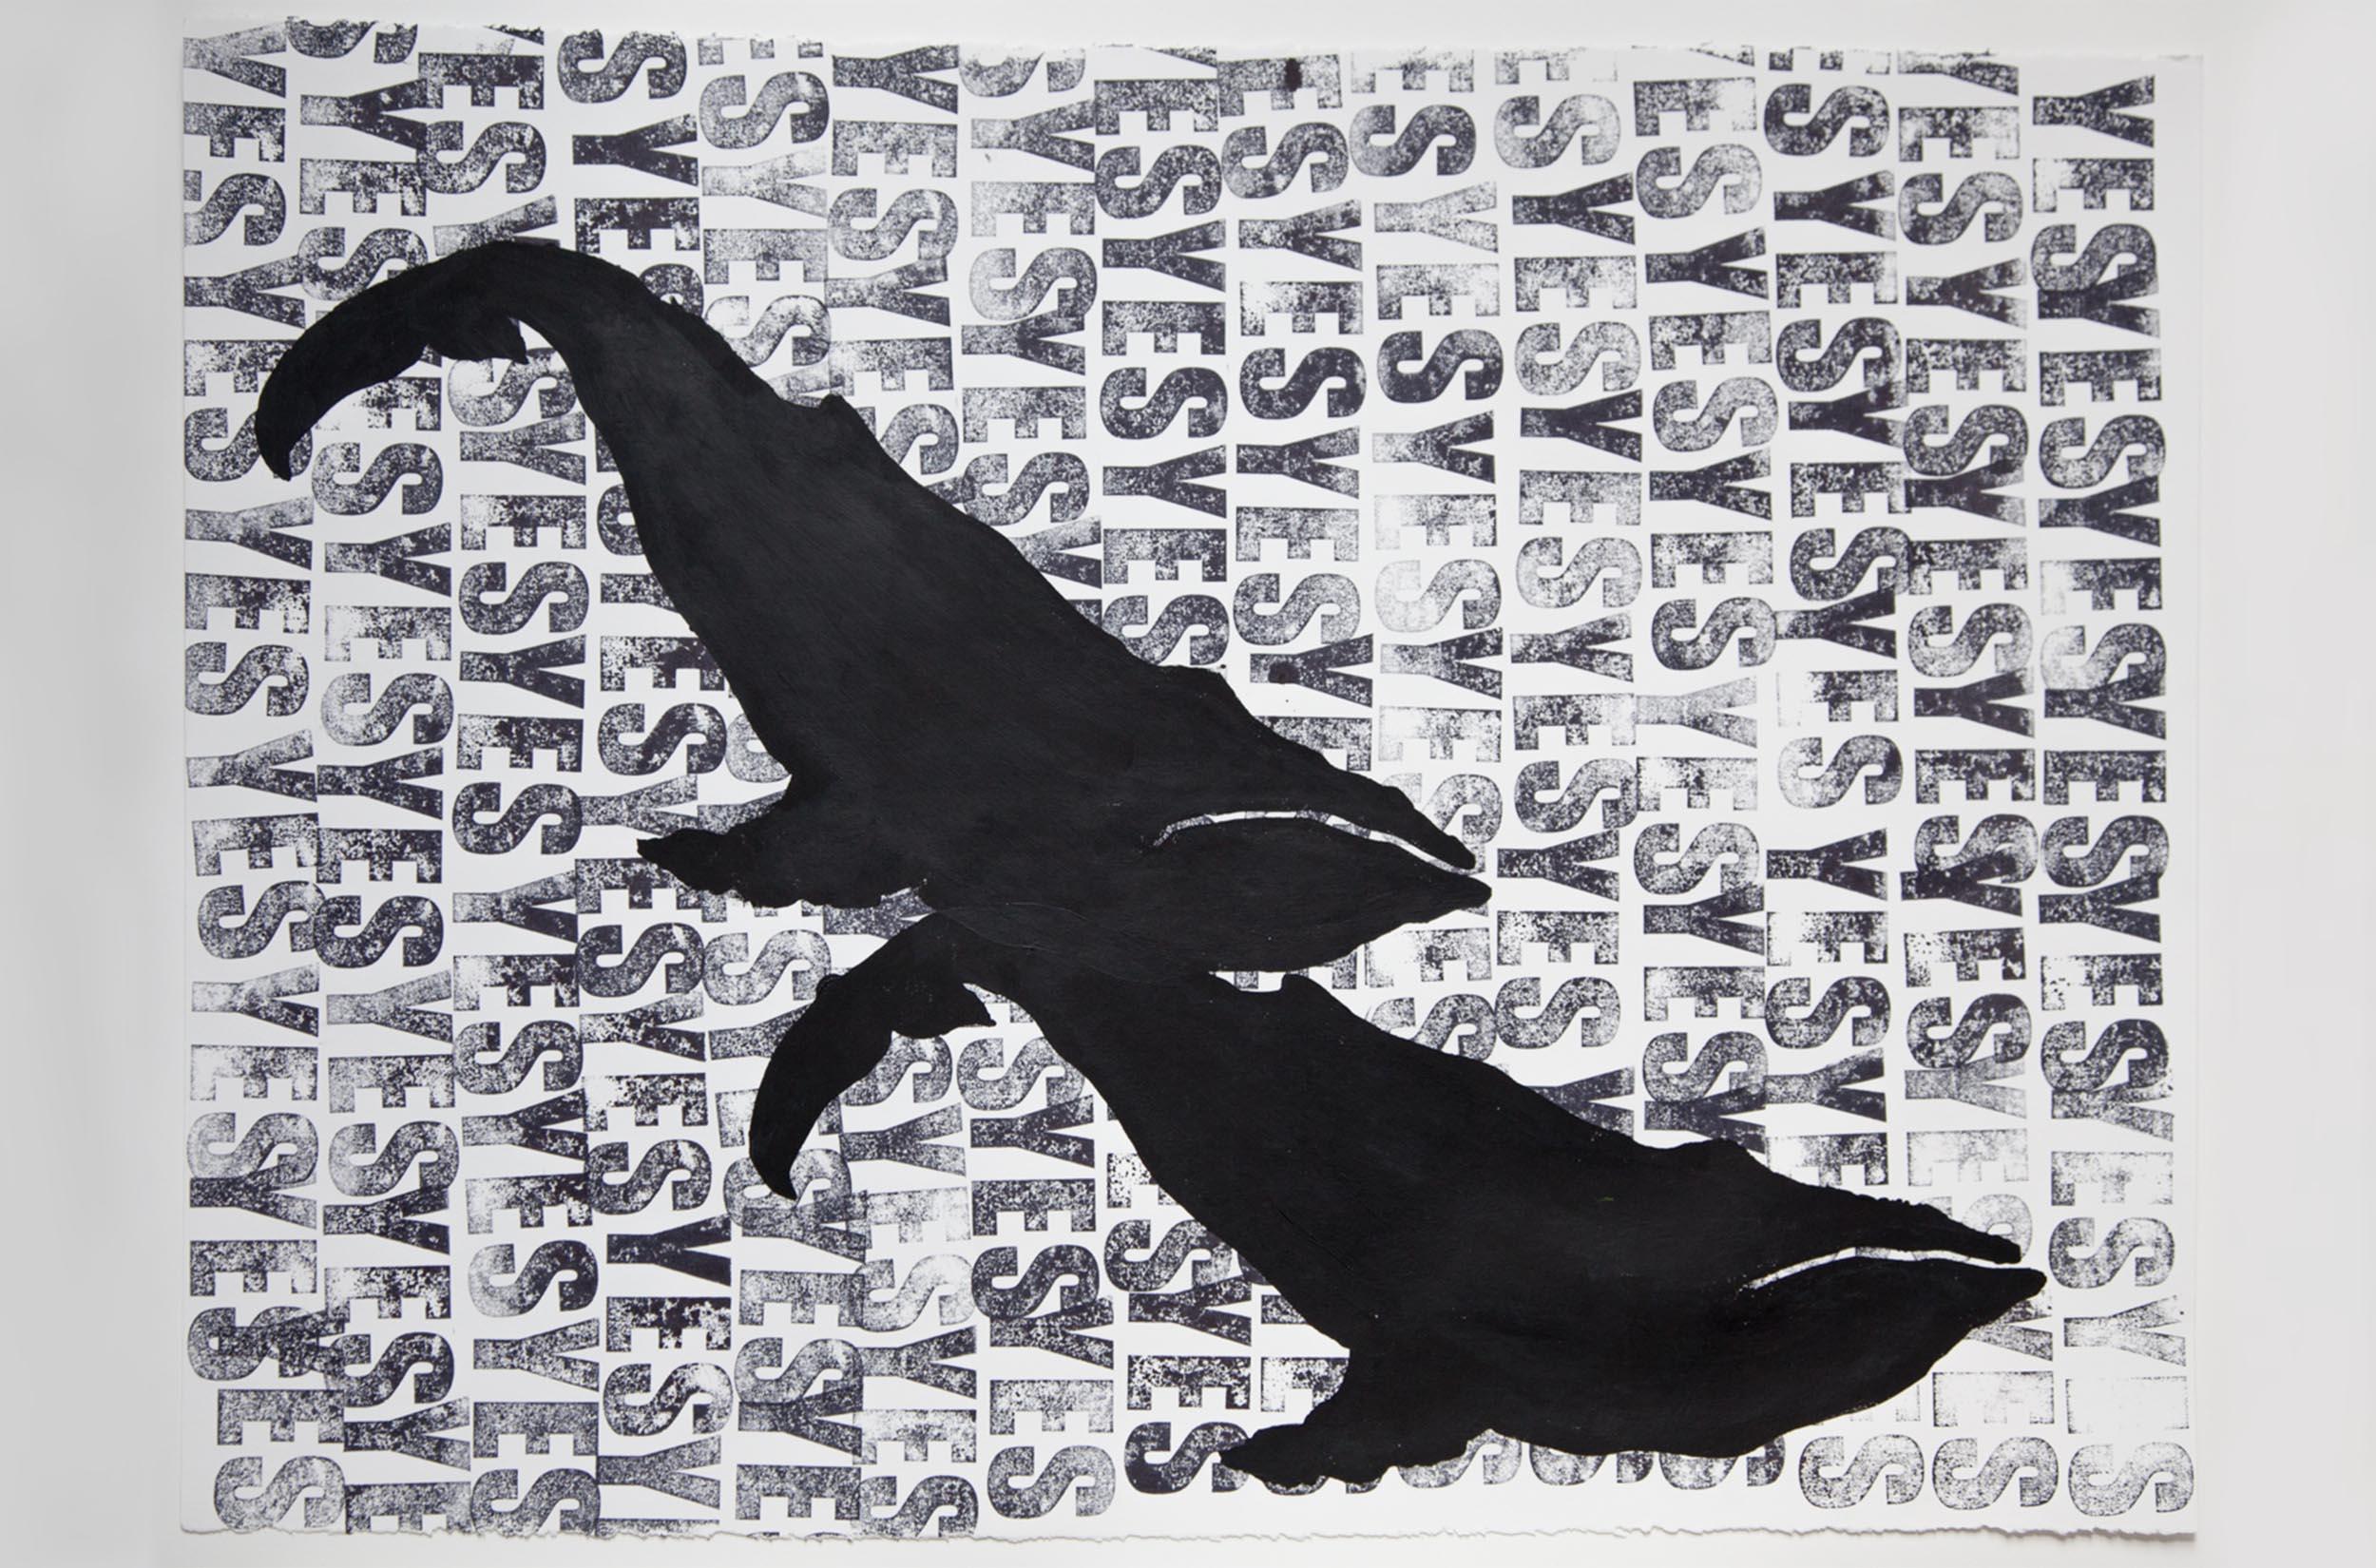 Eve-Biddle-Collaborations-Frankel-Untitled-2014-13